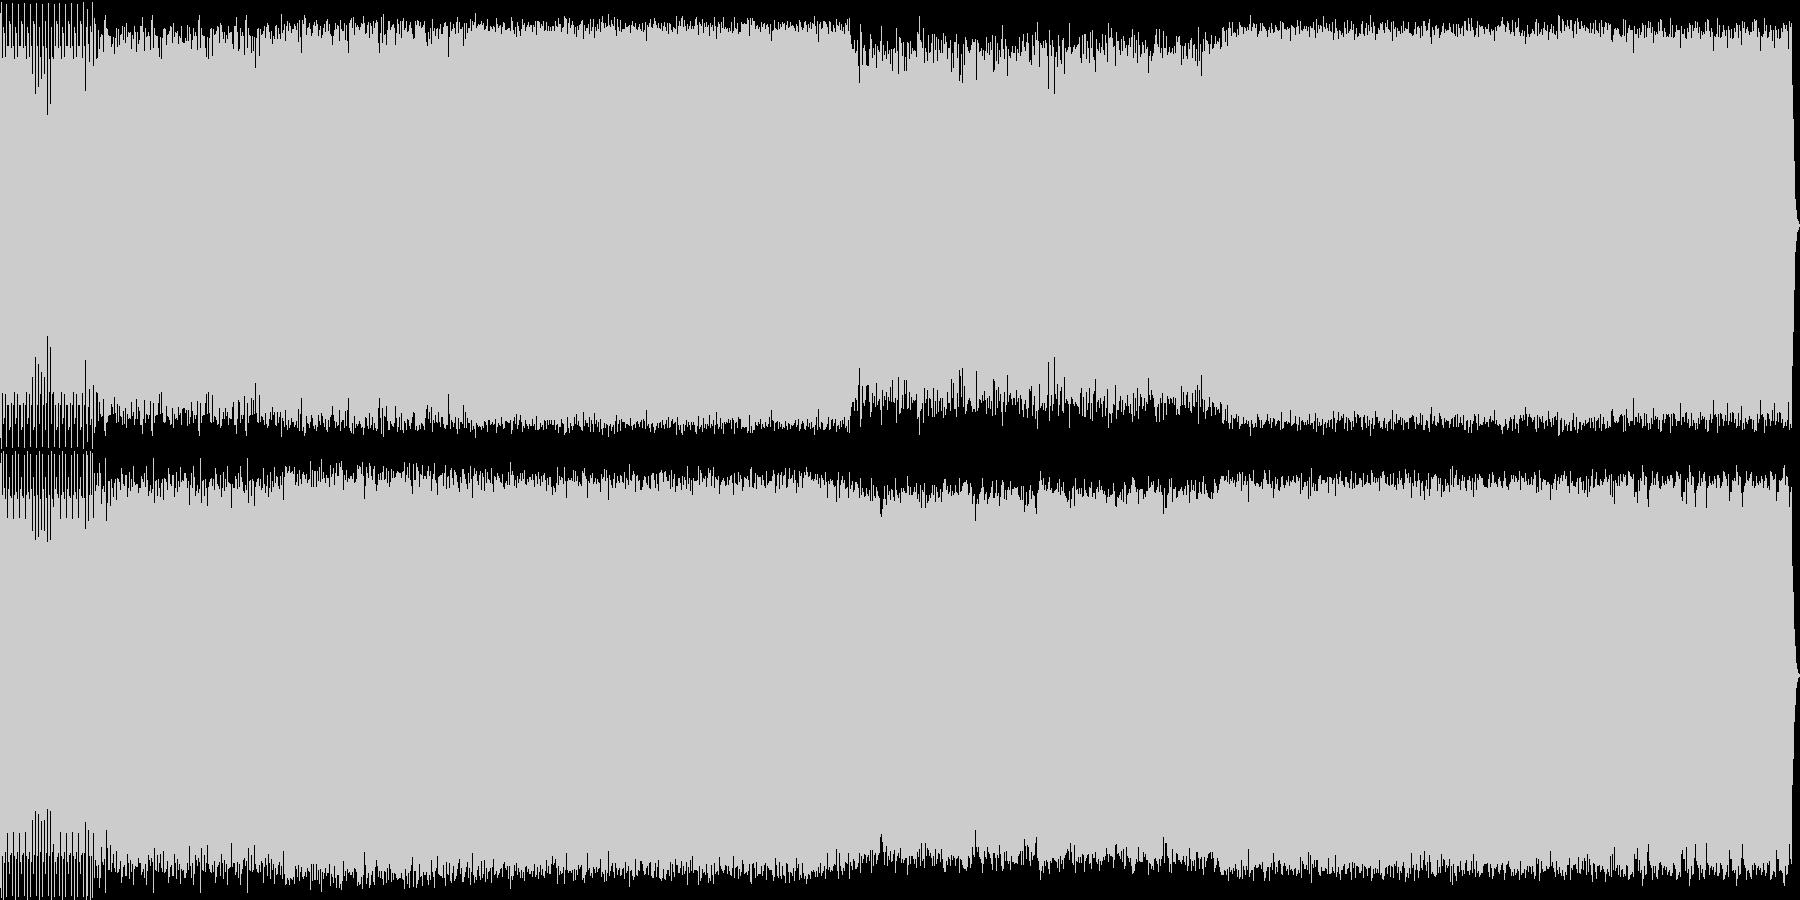 宇宙感のあるリズミカルなアンビエントの未再生の波形